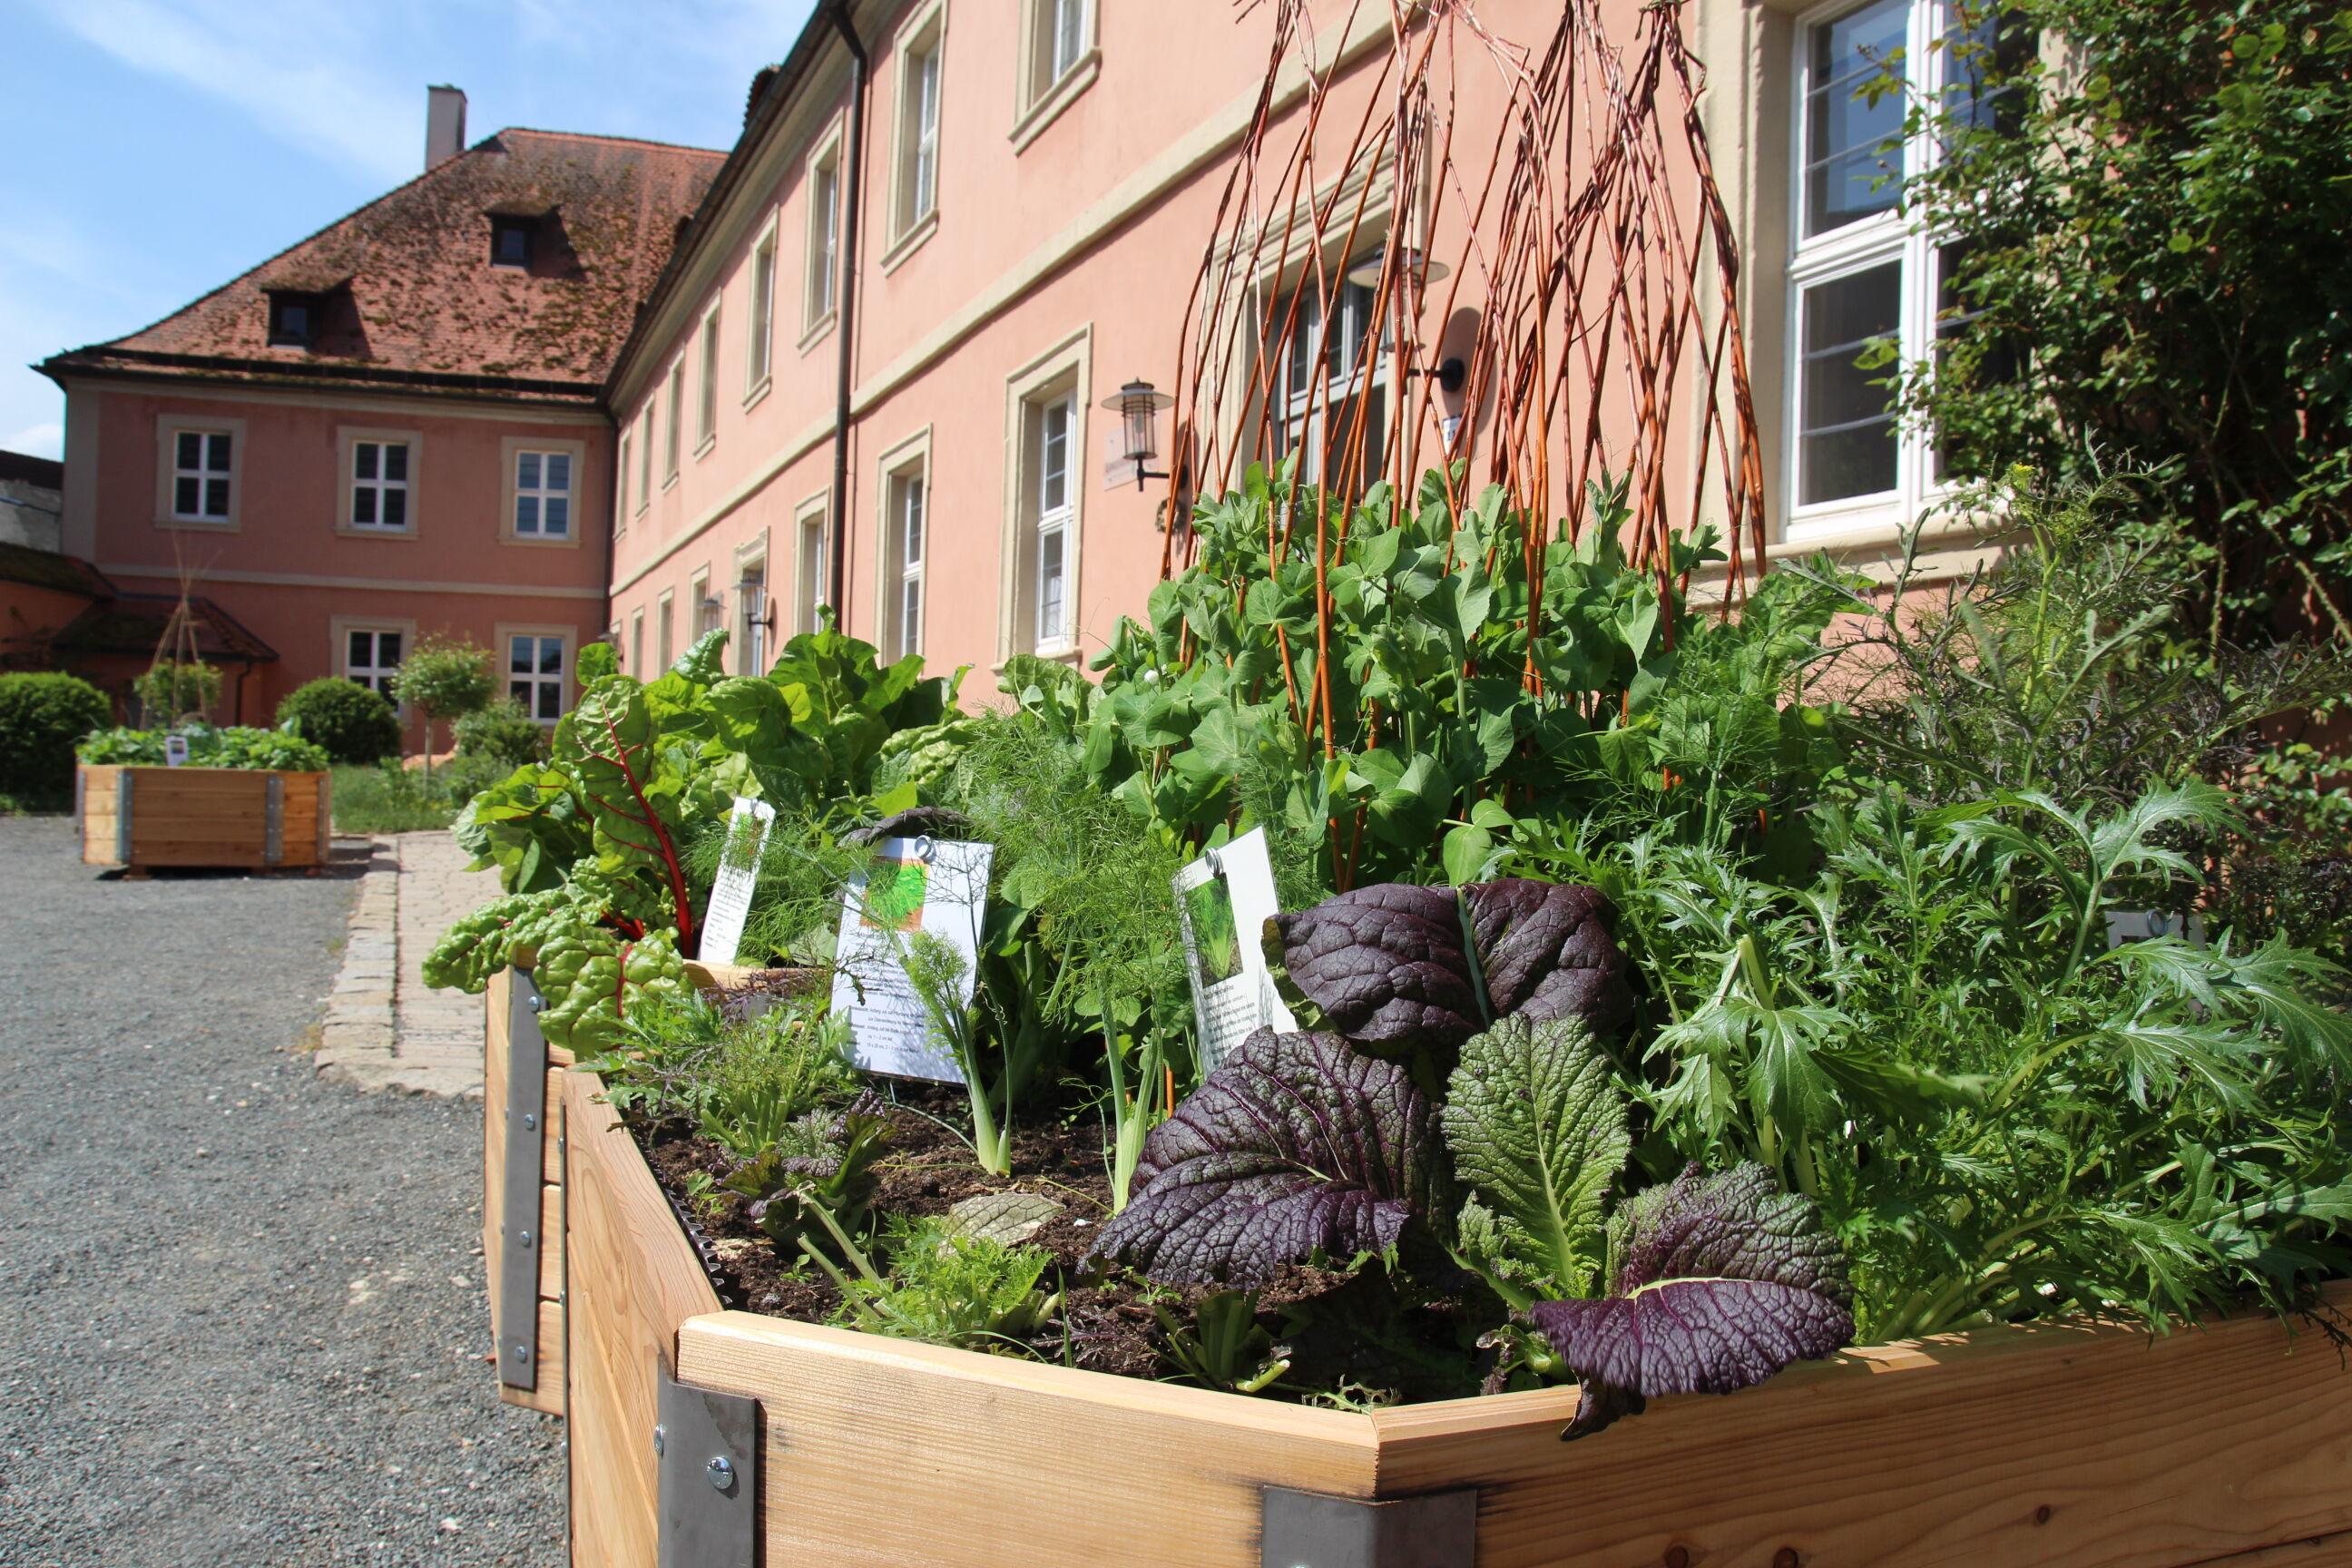 In den Hochbeeten an der Umweltstation des Landkreises Lichtenfels in Weismain wachsen verschiedene Gemüsesorten. Foto: Umweltstation Weismain